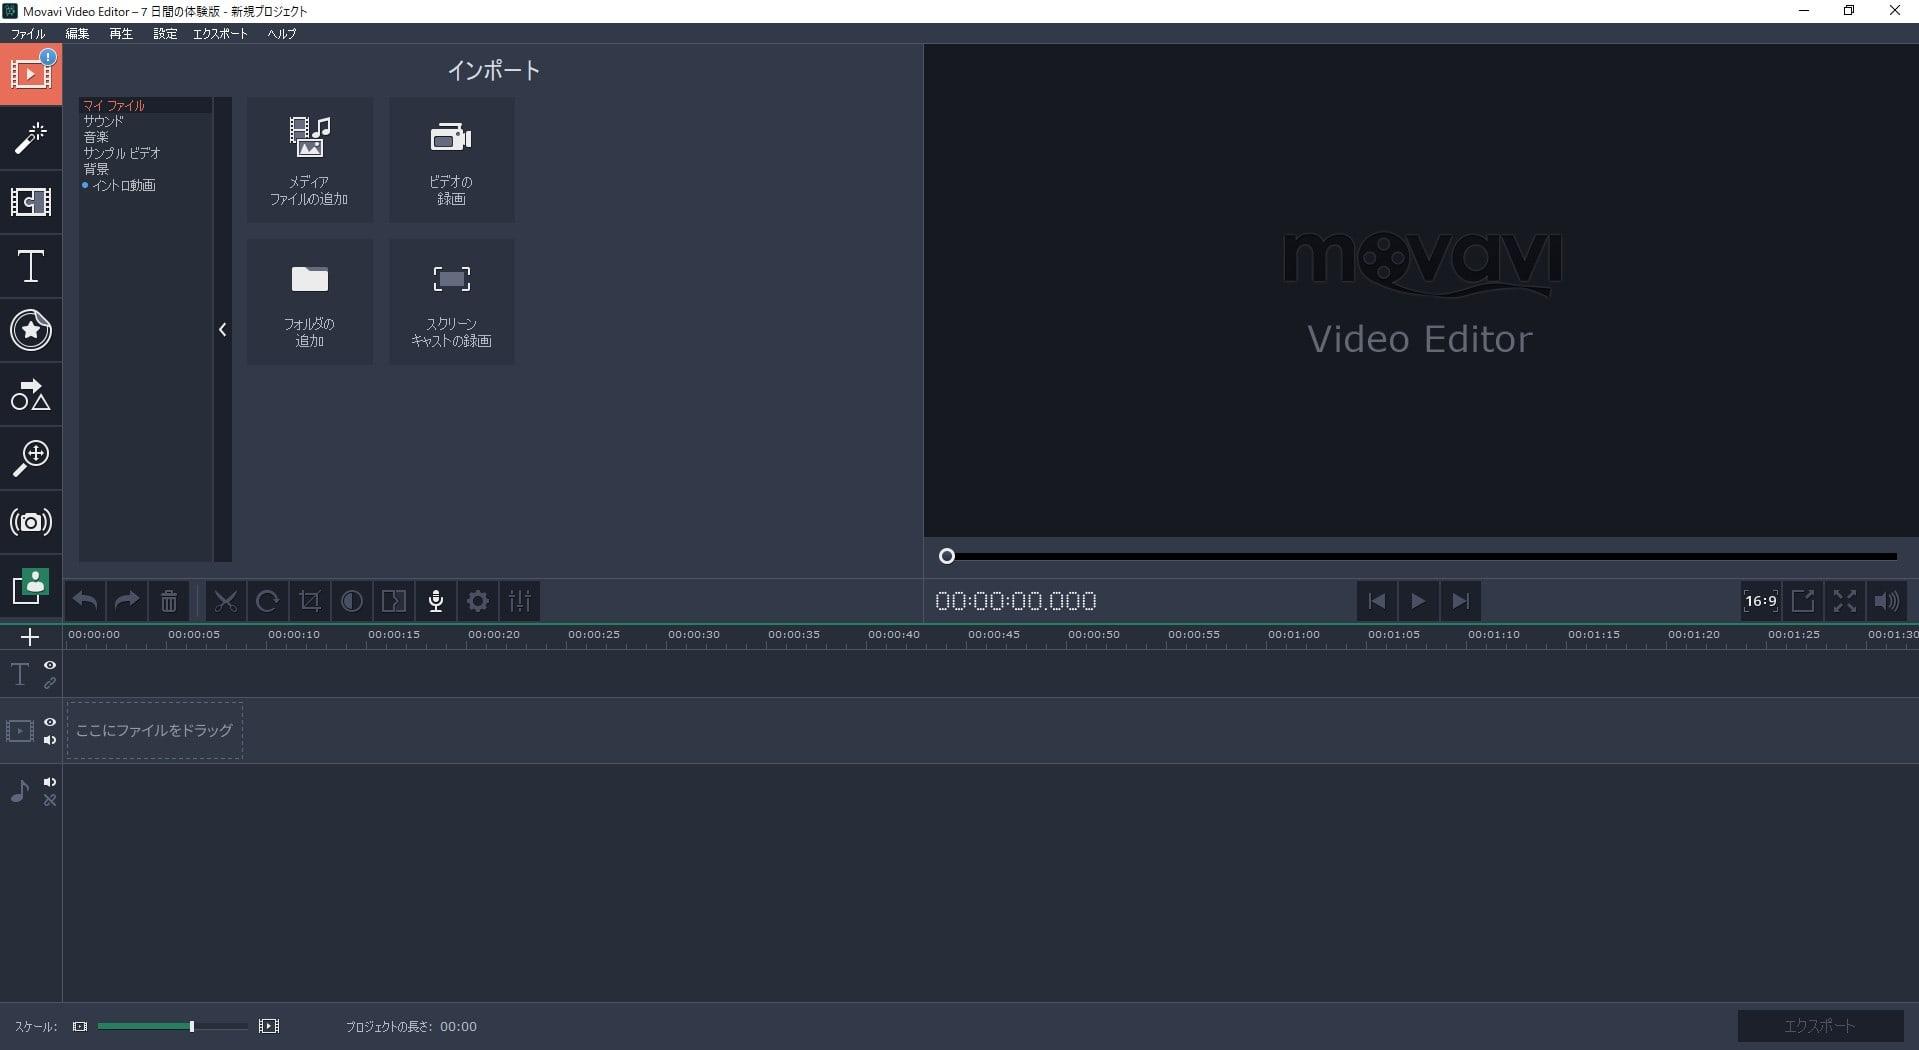 新規プロジェクトの作成 動画編集ソフトMovavi Video Editor